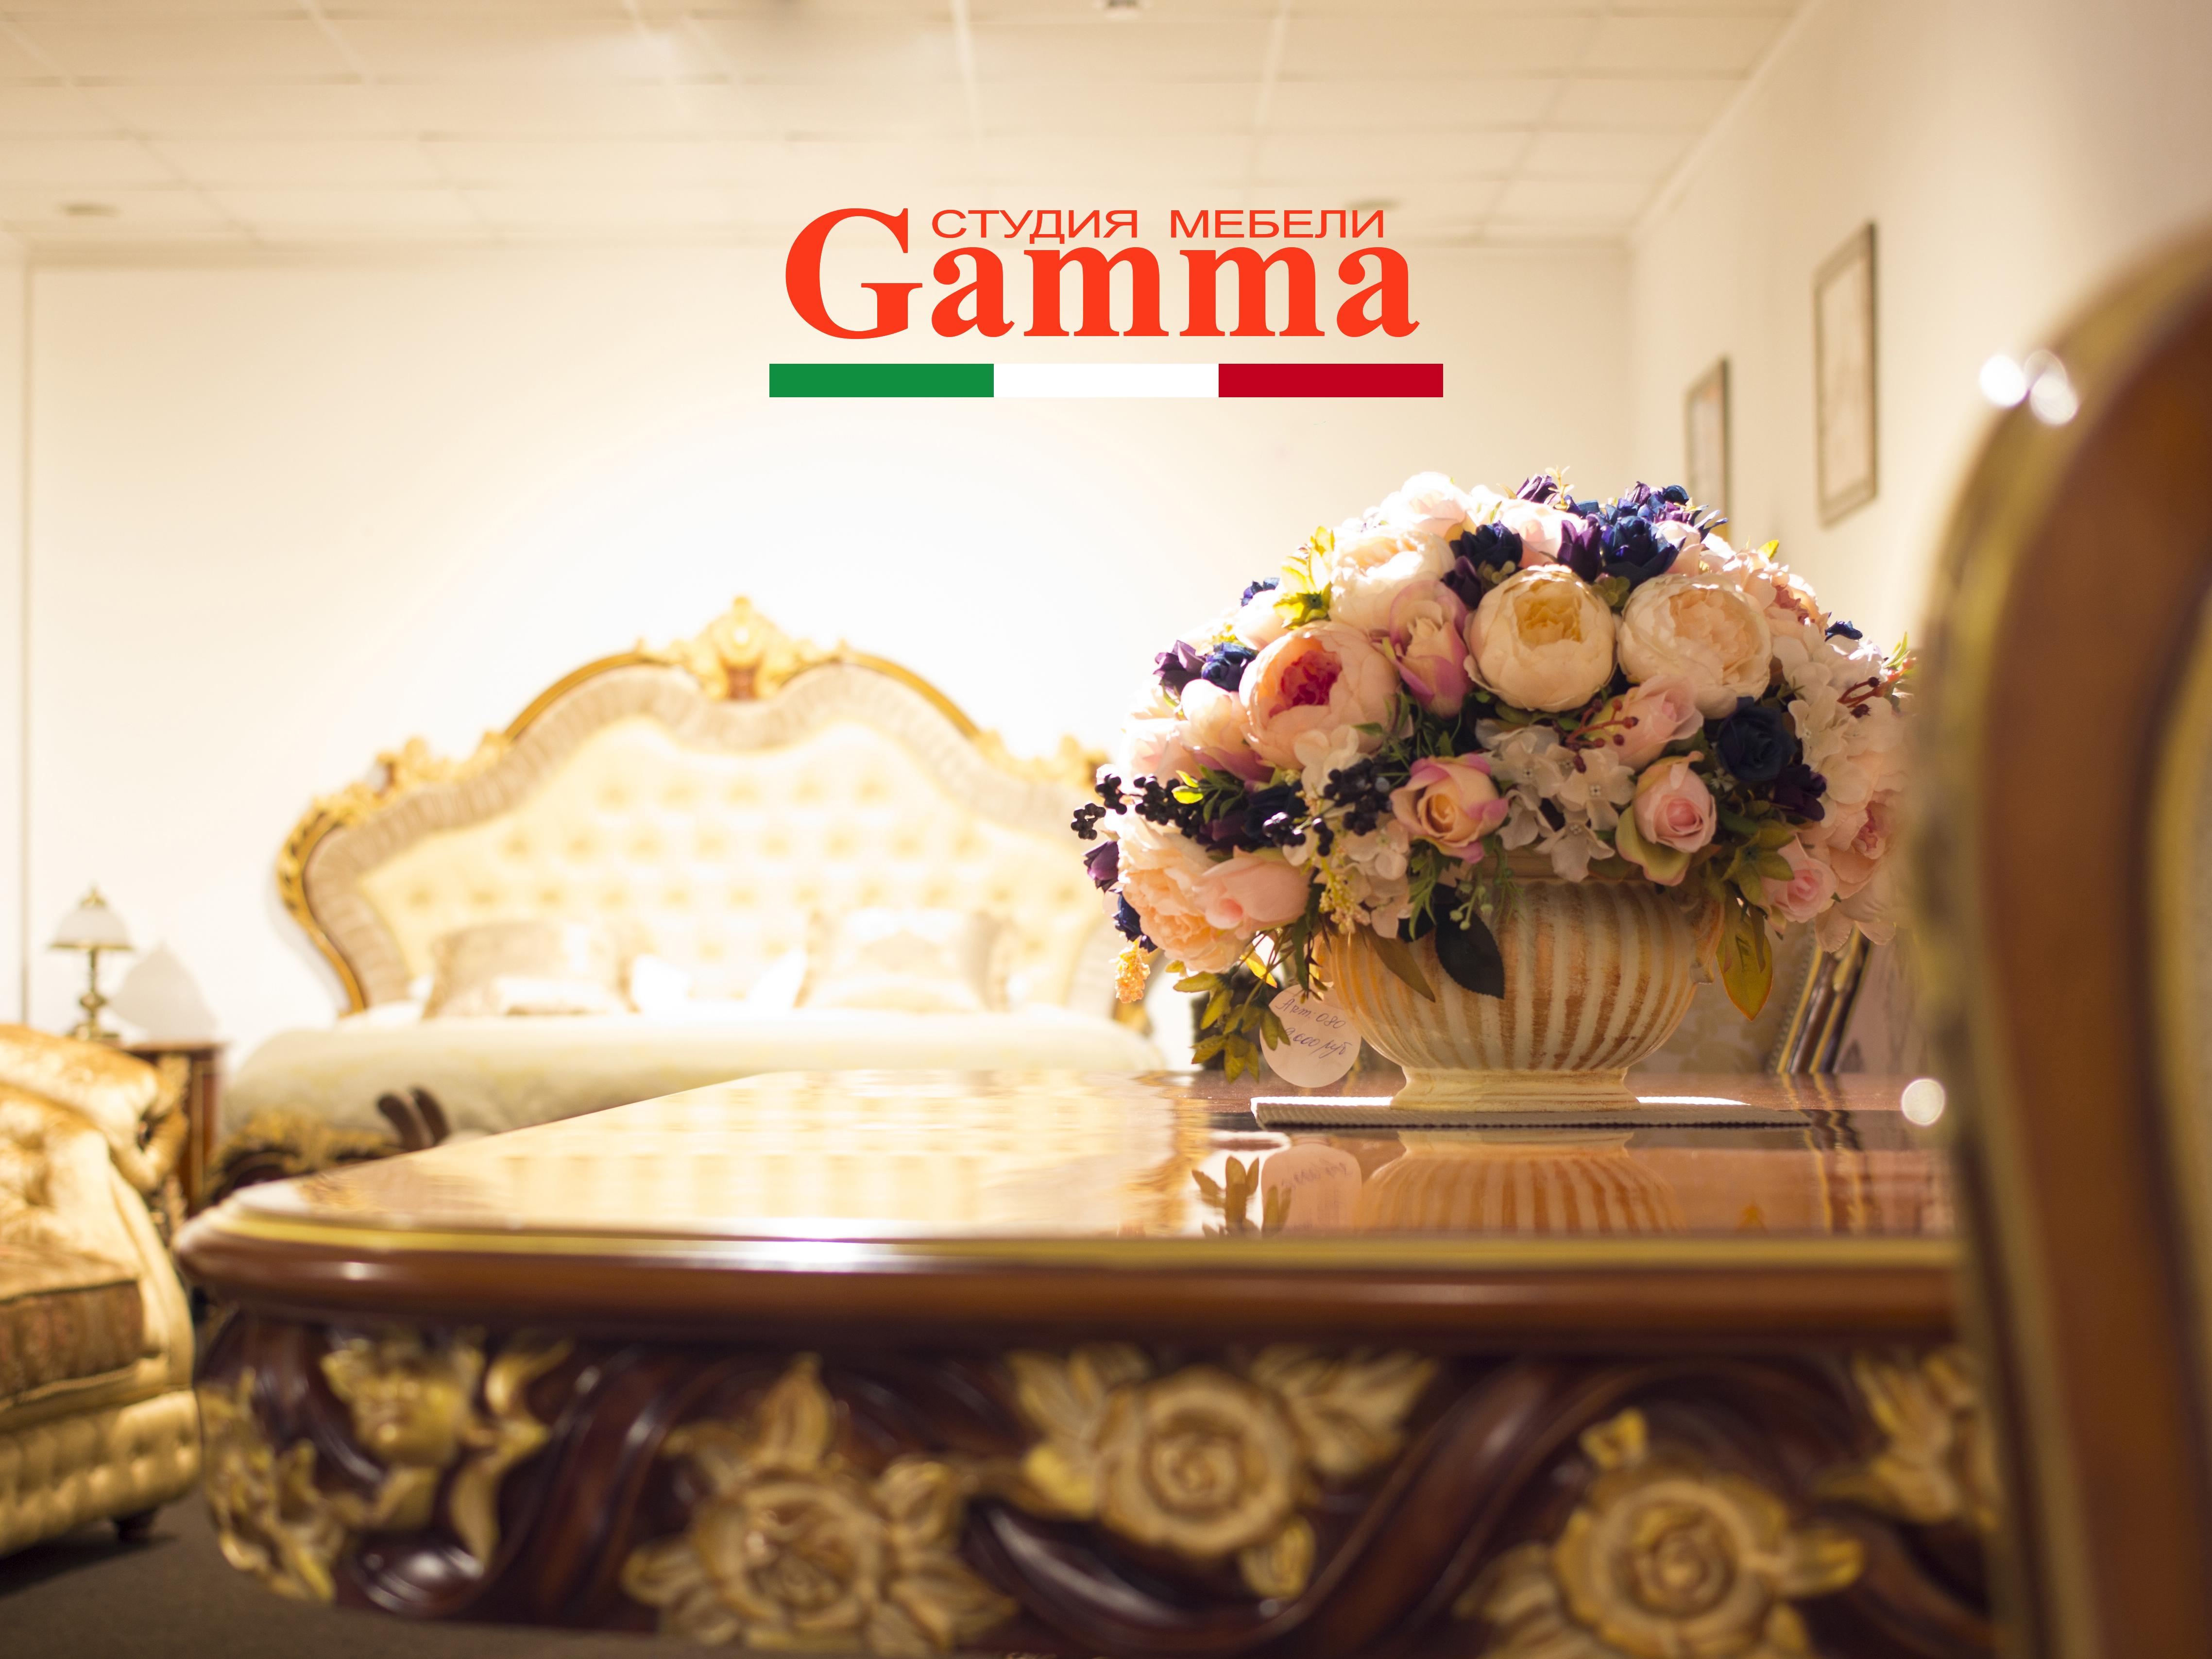 Гамма | Gamma студия мебели